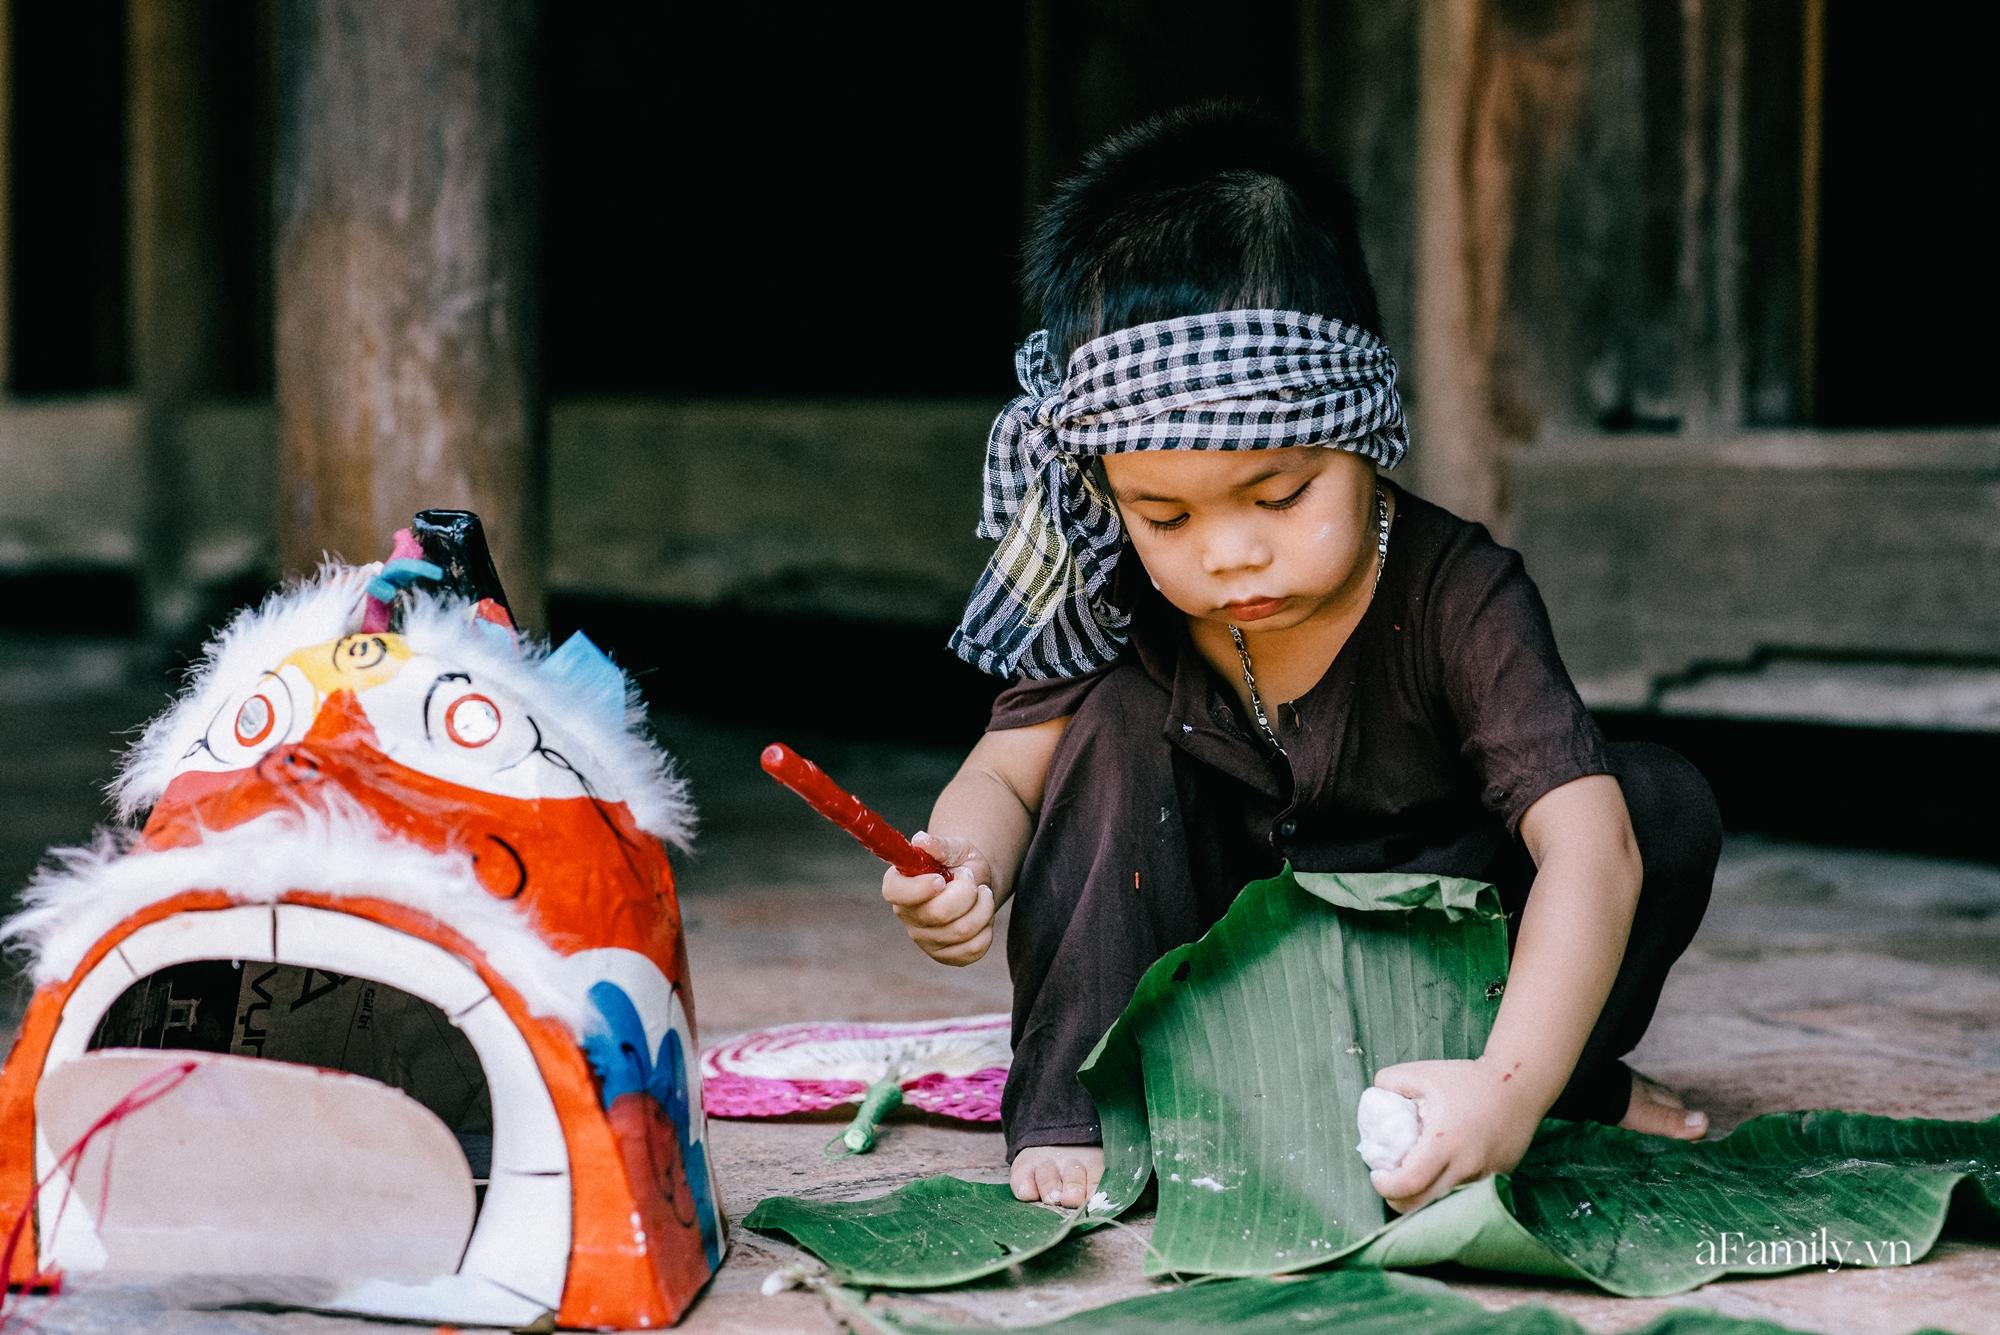 Trung thu cũ xưa ngay giữa lòng Hà Nội, nơi các em nhỏ được tận hưởng niềm vui còn bố mẹ thì được trở lại tuổi thơ chỉ với 40.000 đồng - Ảnh 2.